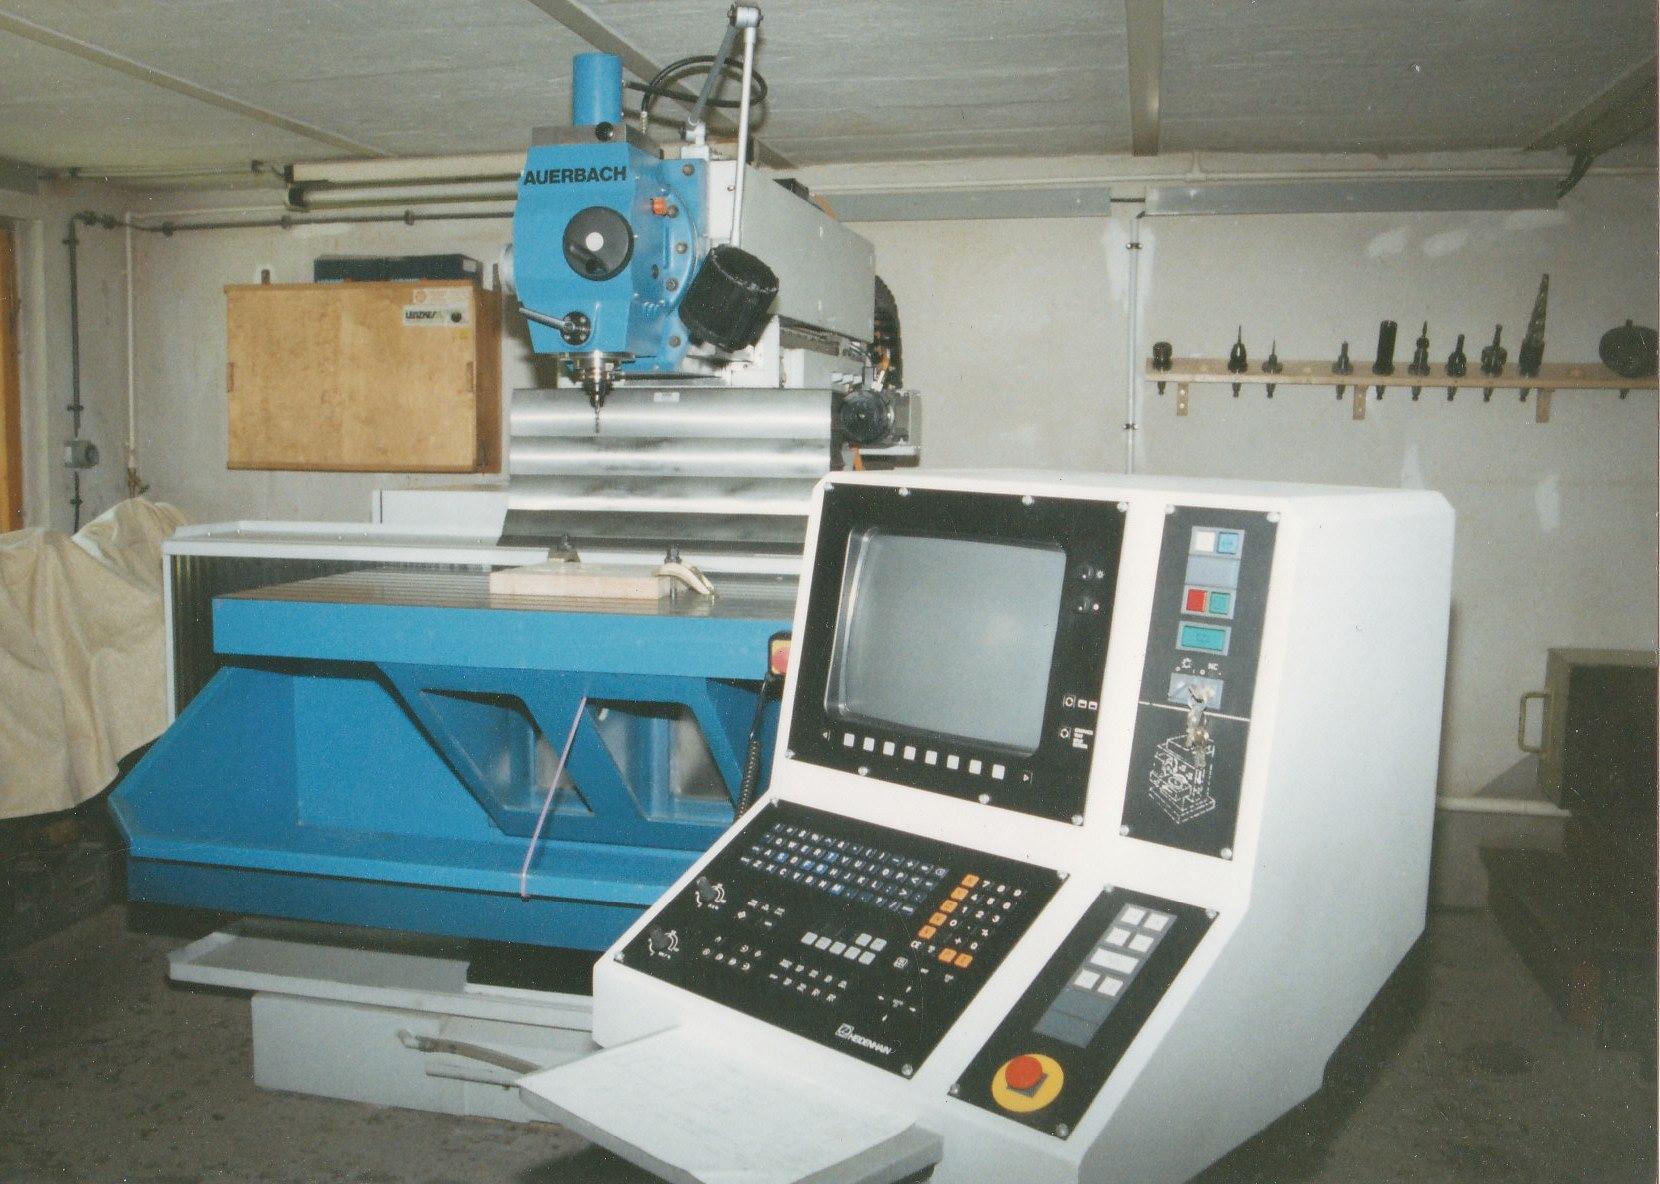 Erste CNC Fräse 1995 Auerbach FUW 1005